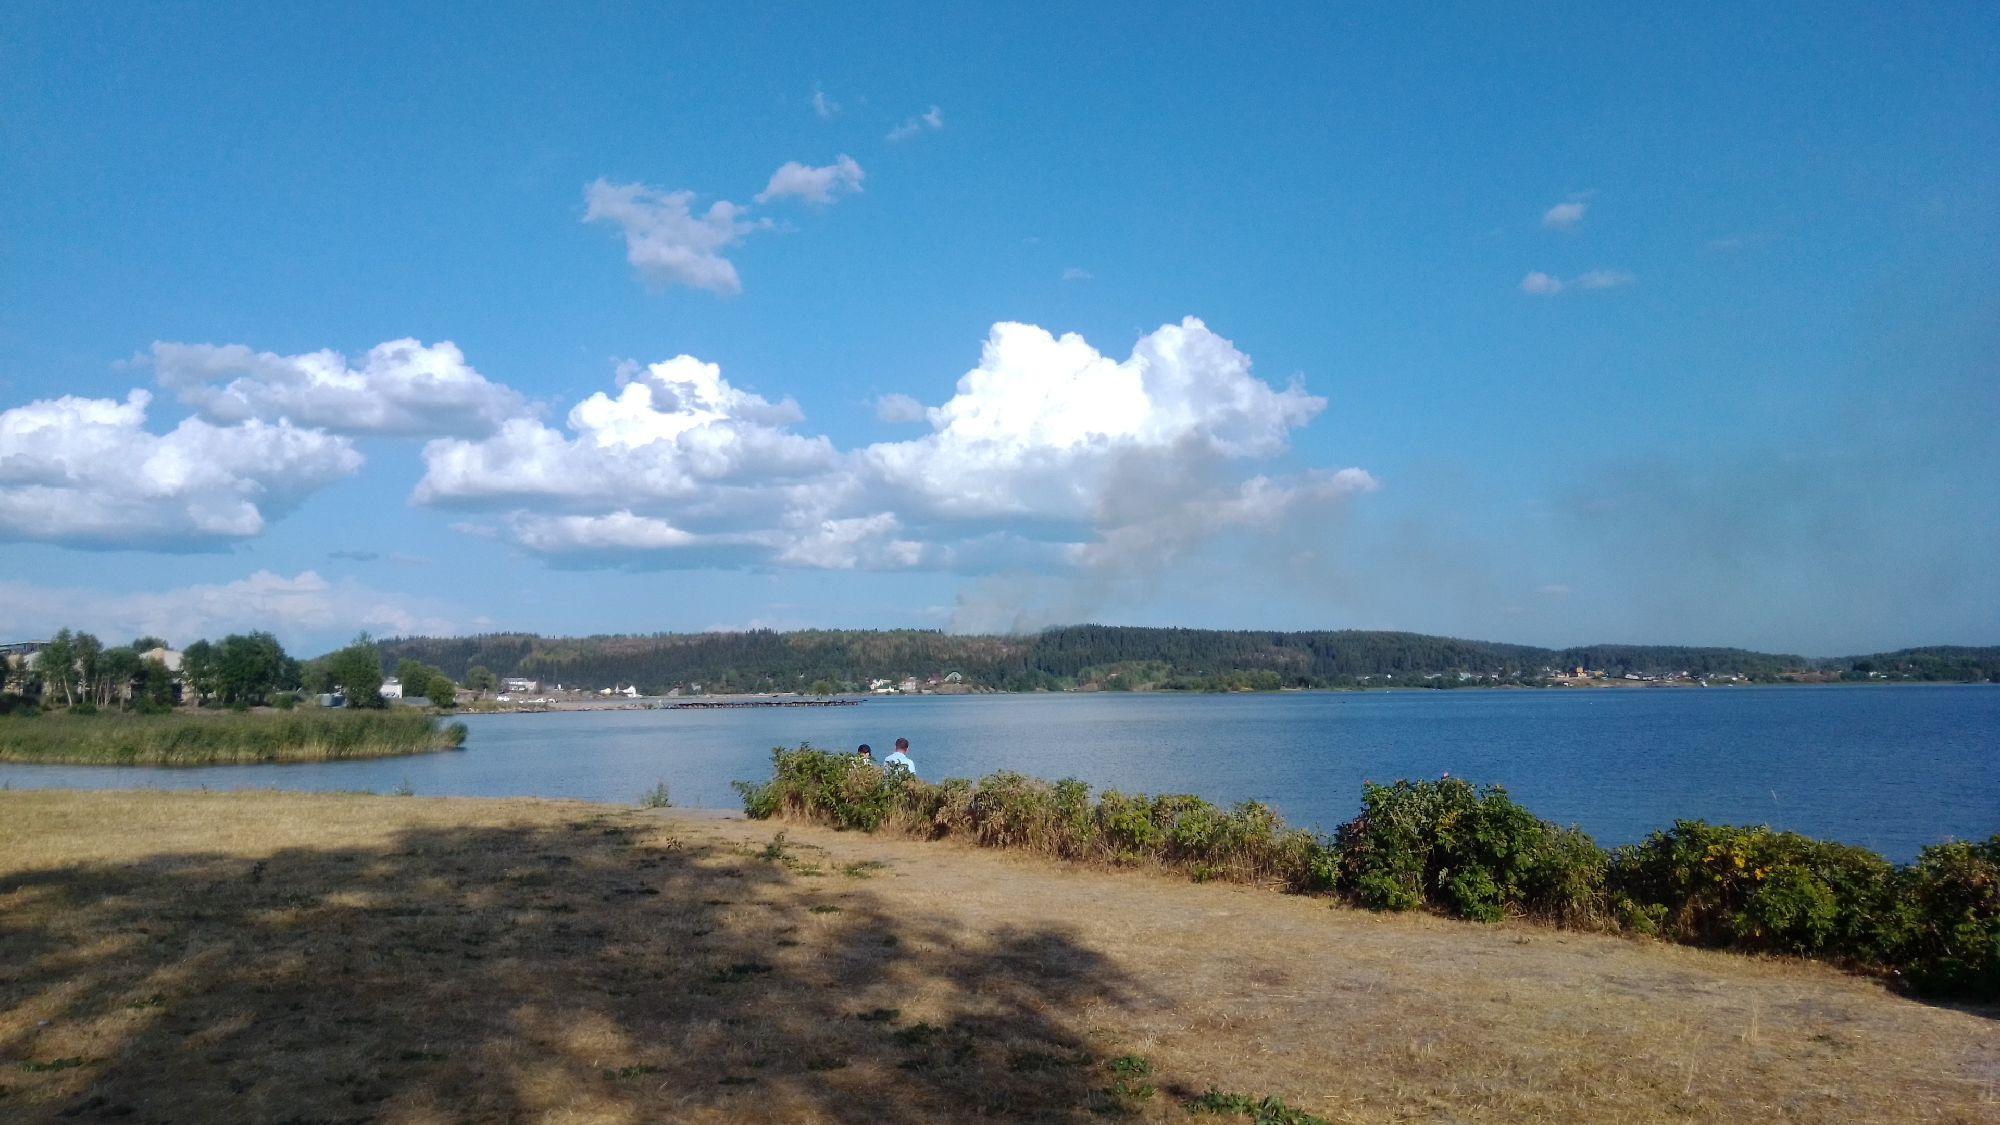 Видите клубы дыма за озером?